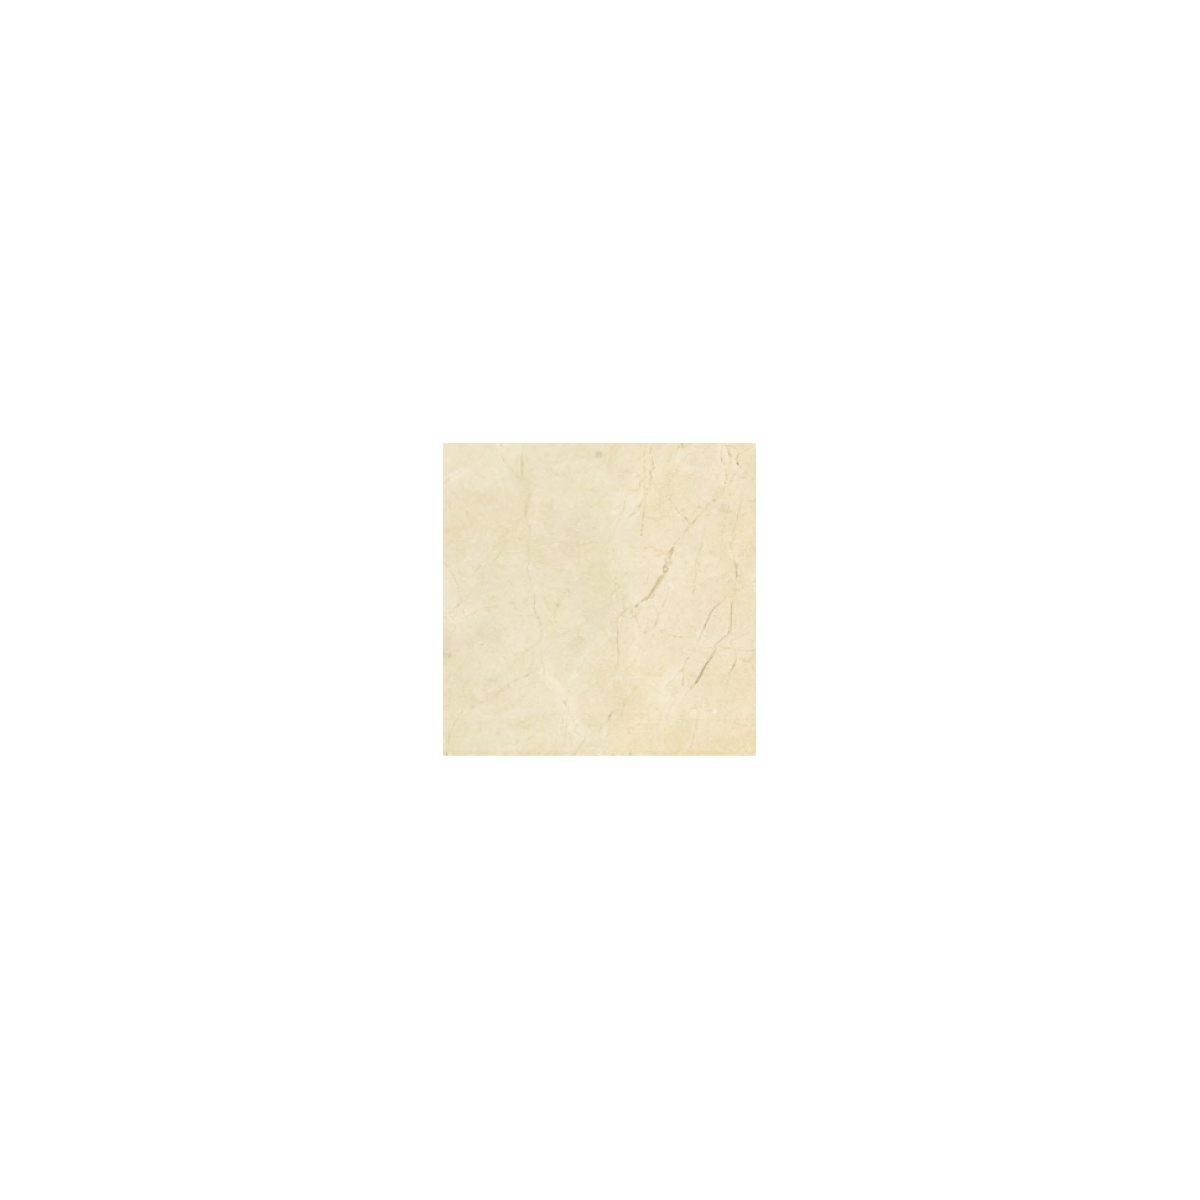 Harmony Gleam Marfil 45x45 (caja de 1 m2)